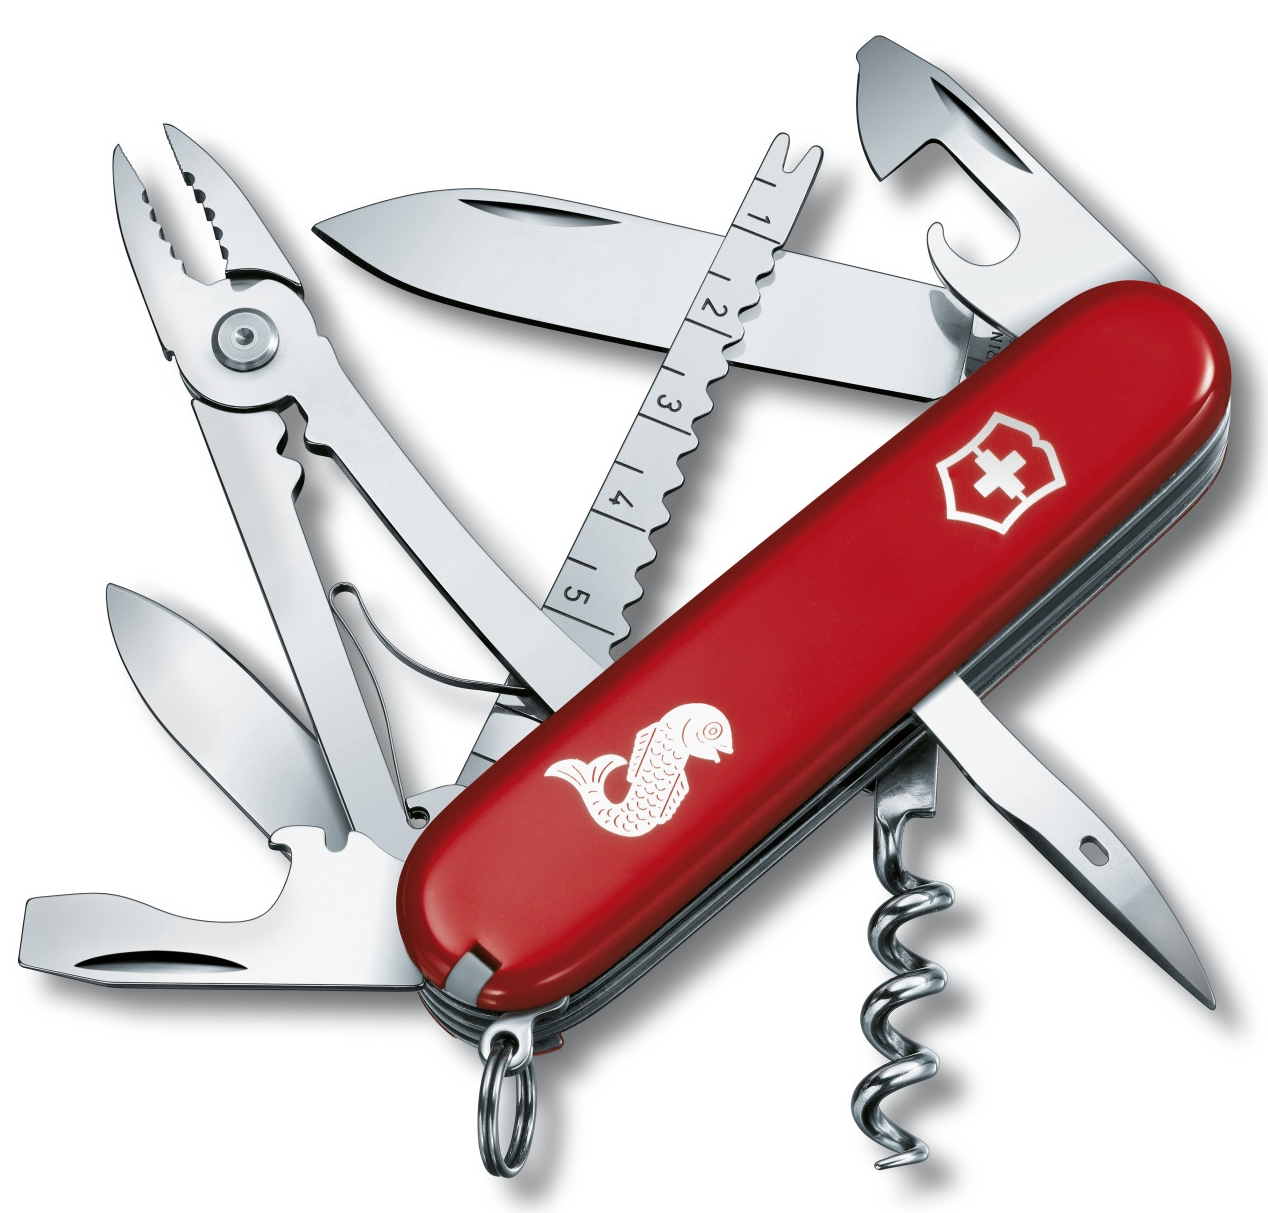 vreckový nôž Rybár, červená Victorinox 1.3653.72